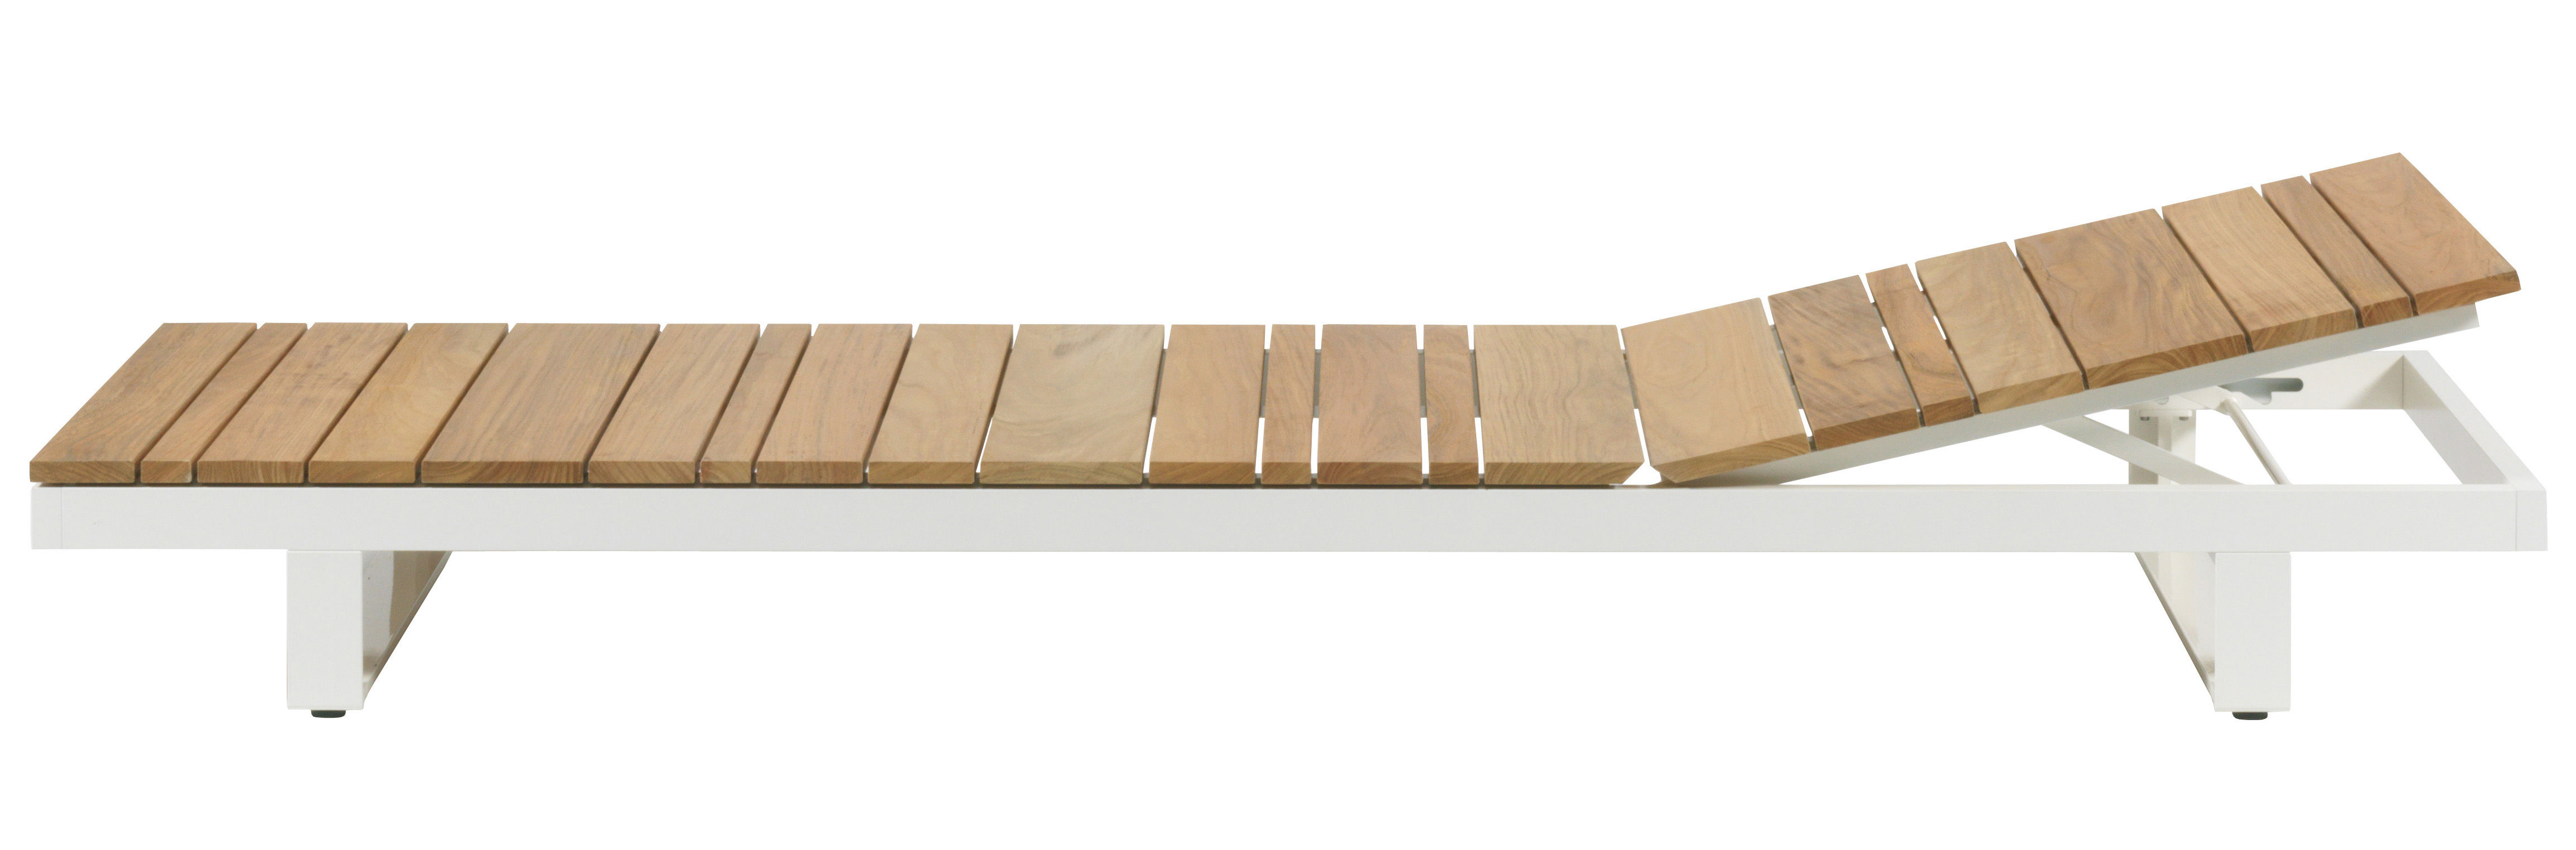 bain de soleil pure multiposition bain de soleil teck. Black Bedroom Furniture Sets. Home Design Ideas